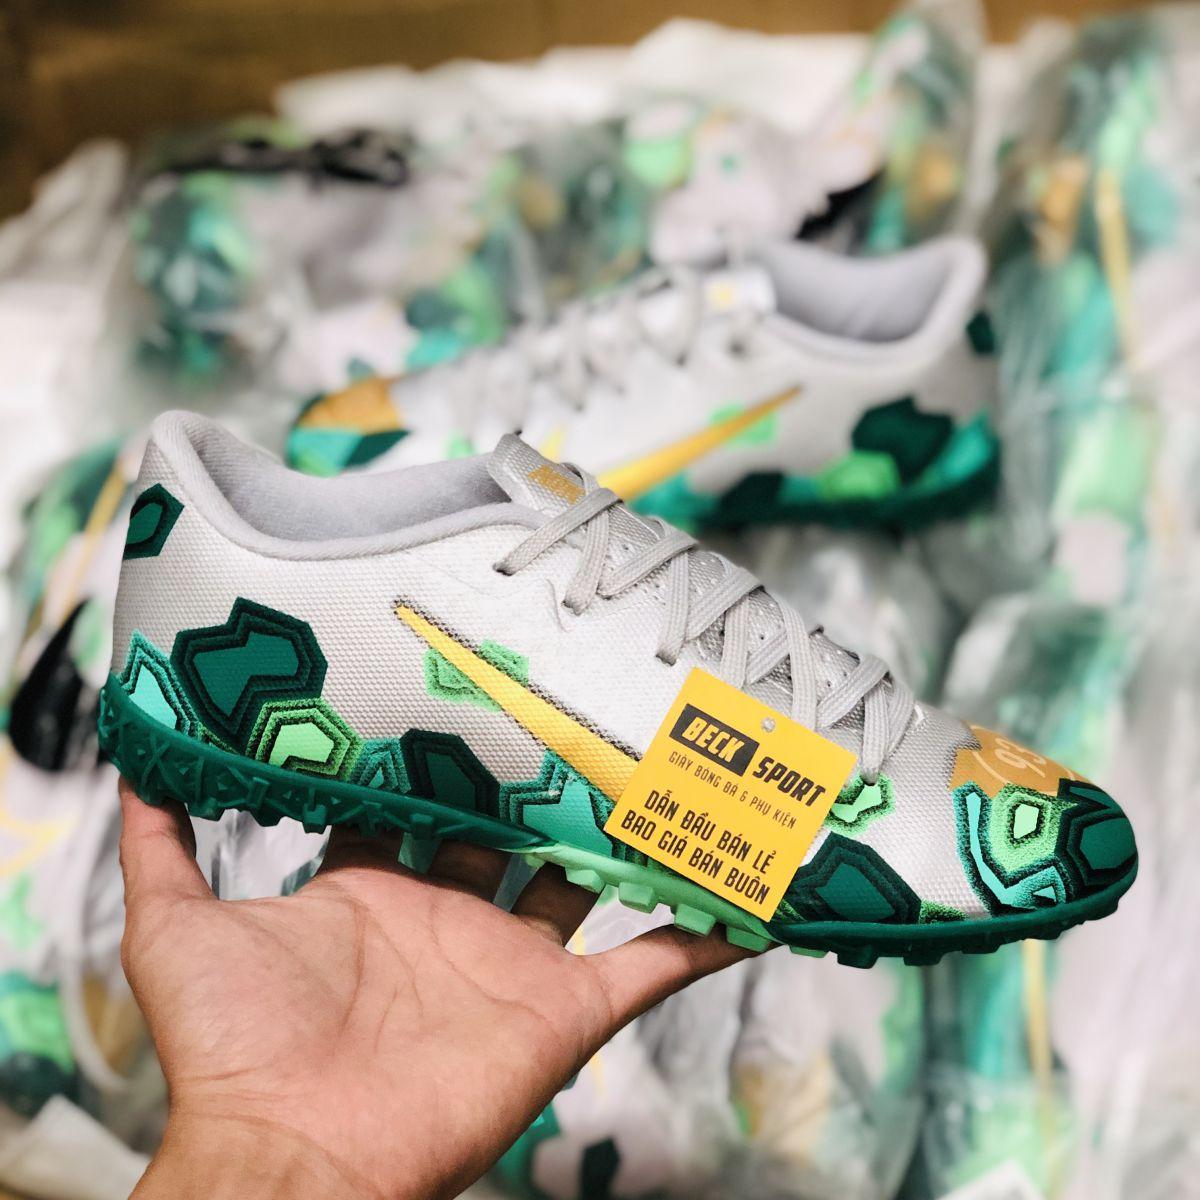 Giày Bóng Đá Nike Mercurial 13 Academy Xám Xanh Lục Vạch Vàng V2 TF